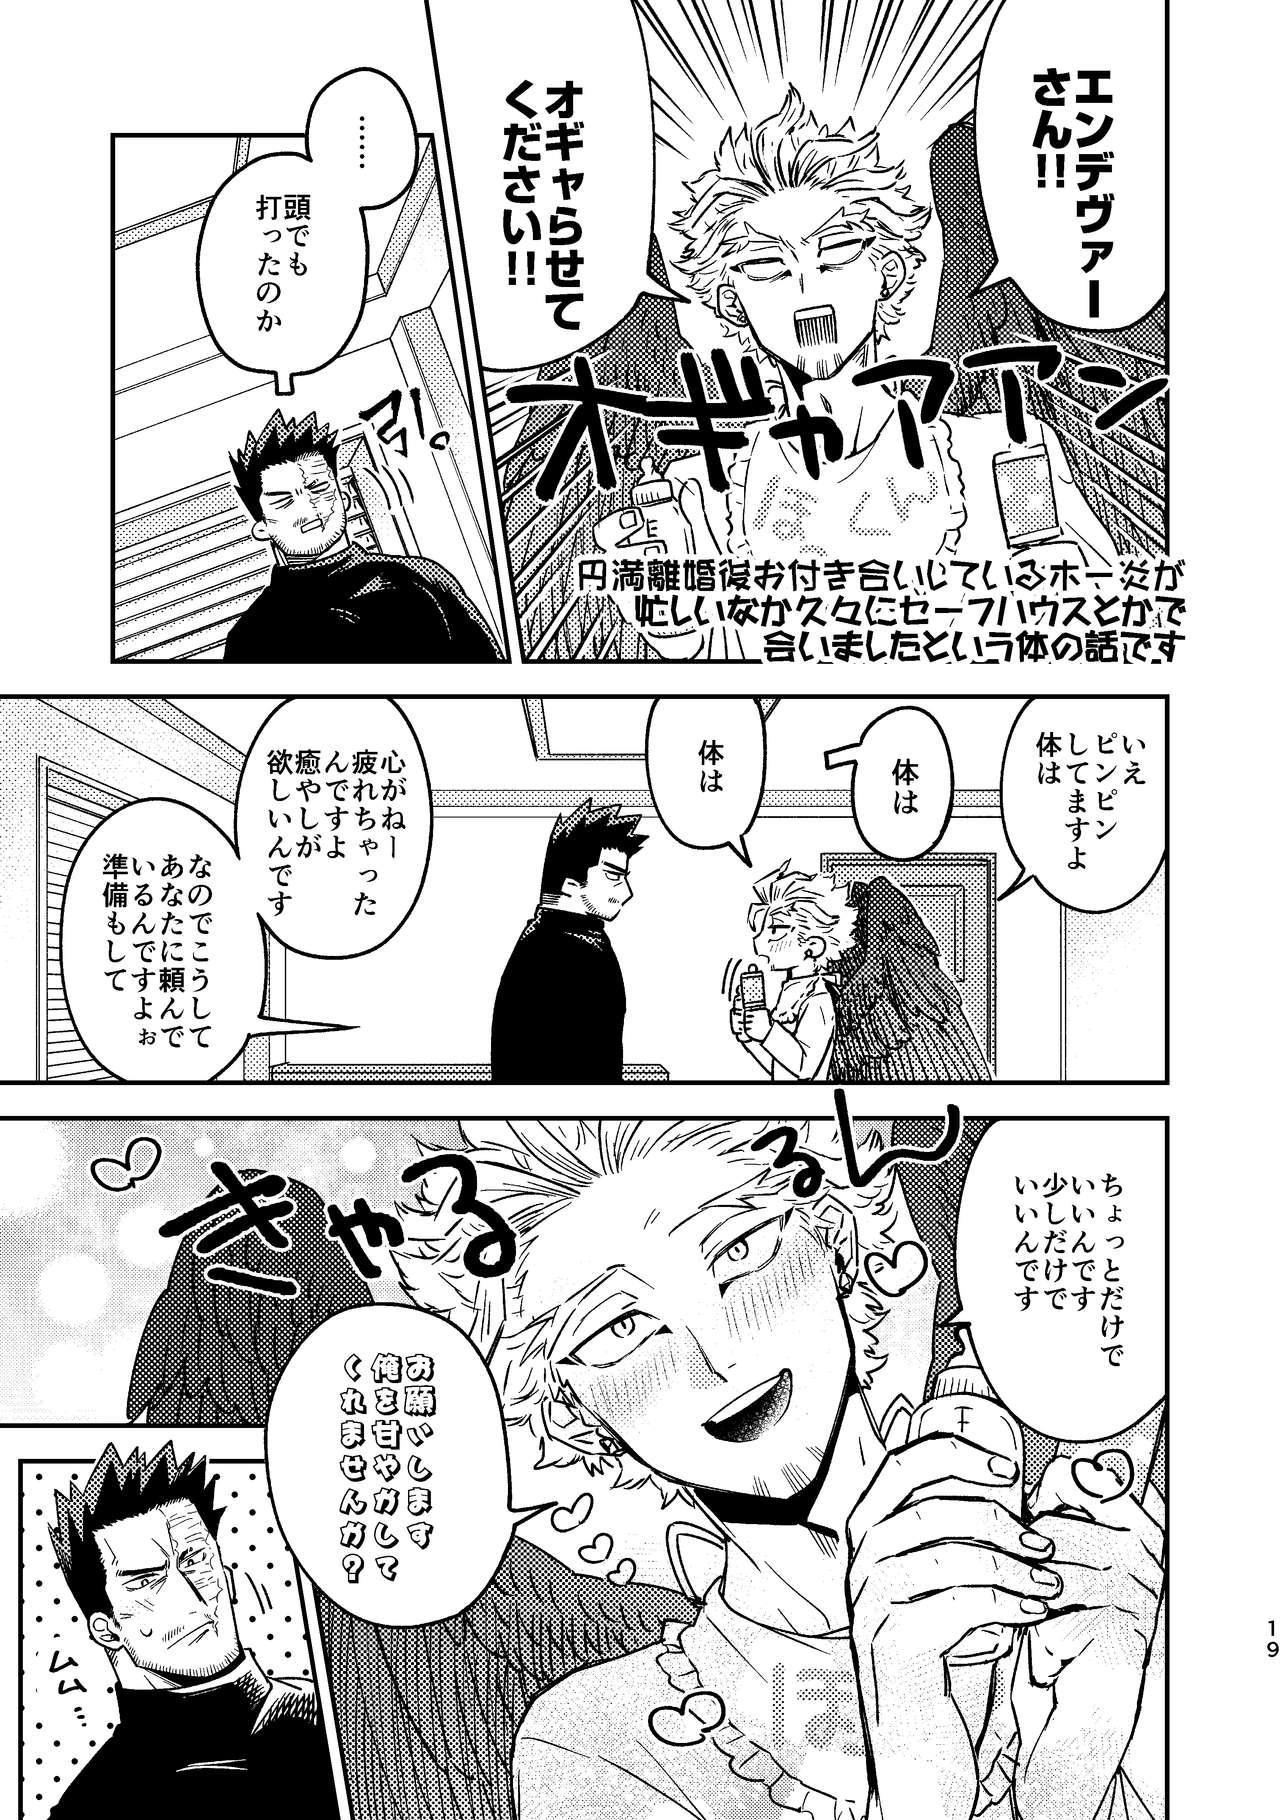 WEB Sairoku Zumi HawEn Manga ga Kami demo Yomeru Hon. 18